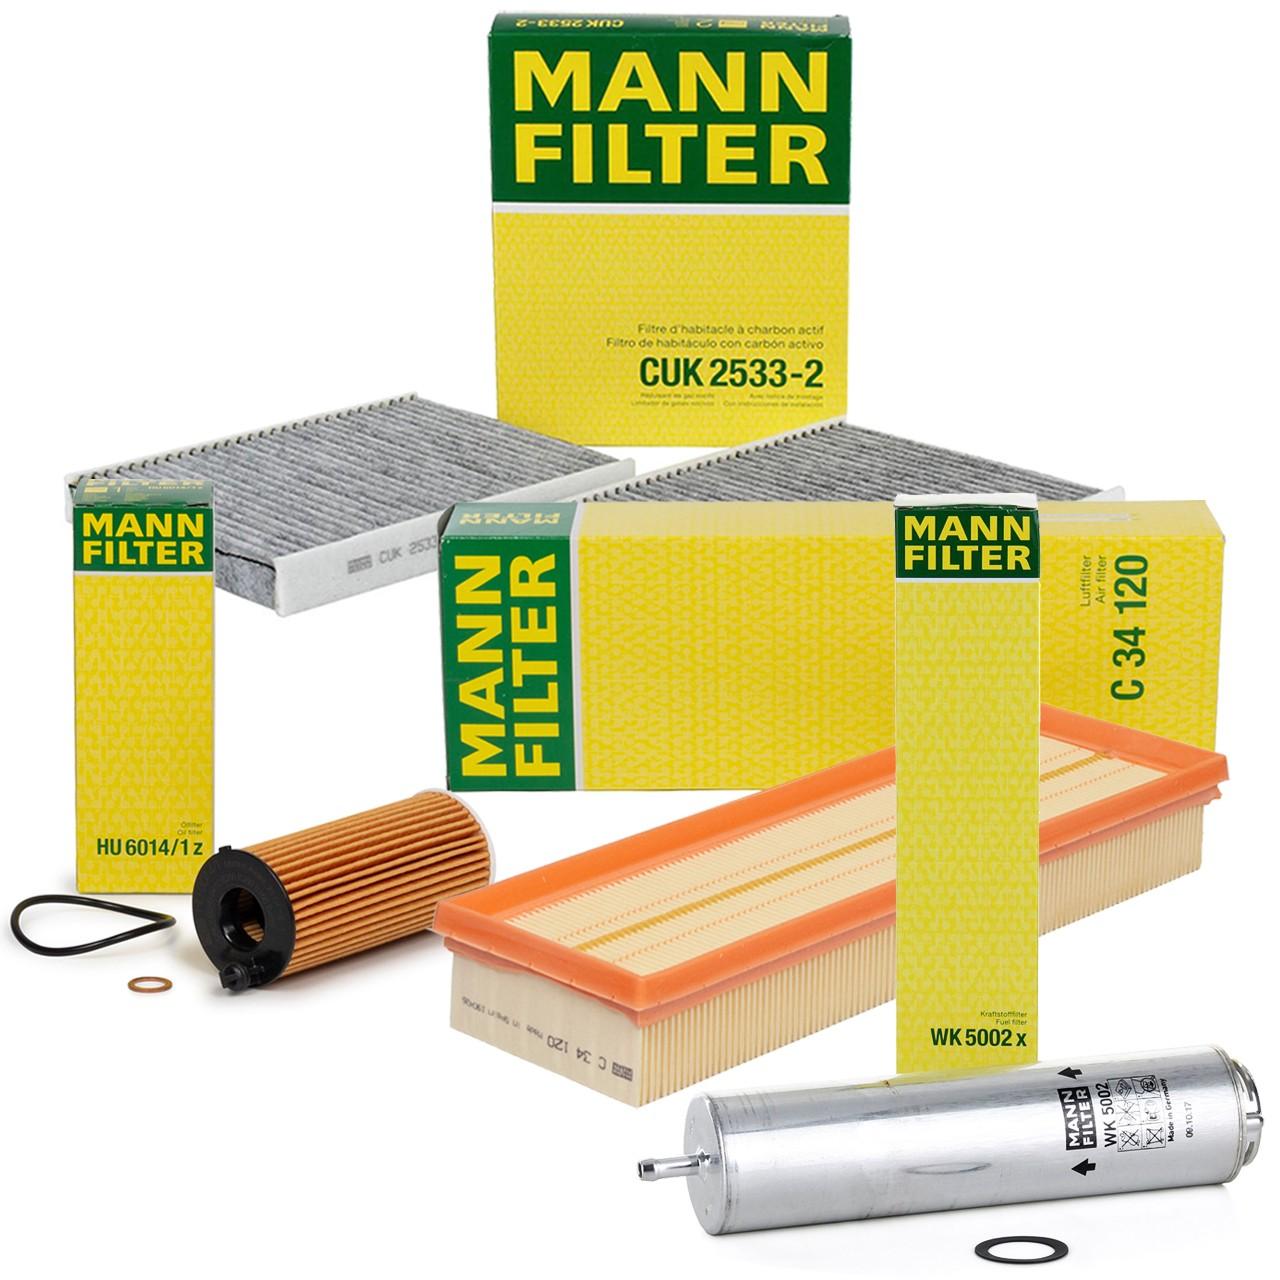 MANN Filterpaket Filterset für BMW 5er F10 F11 518d 150 PS + 520d 190/205/211 PS